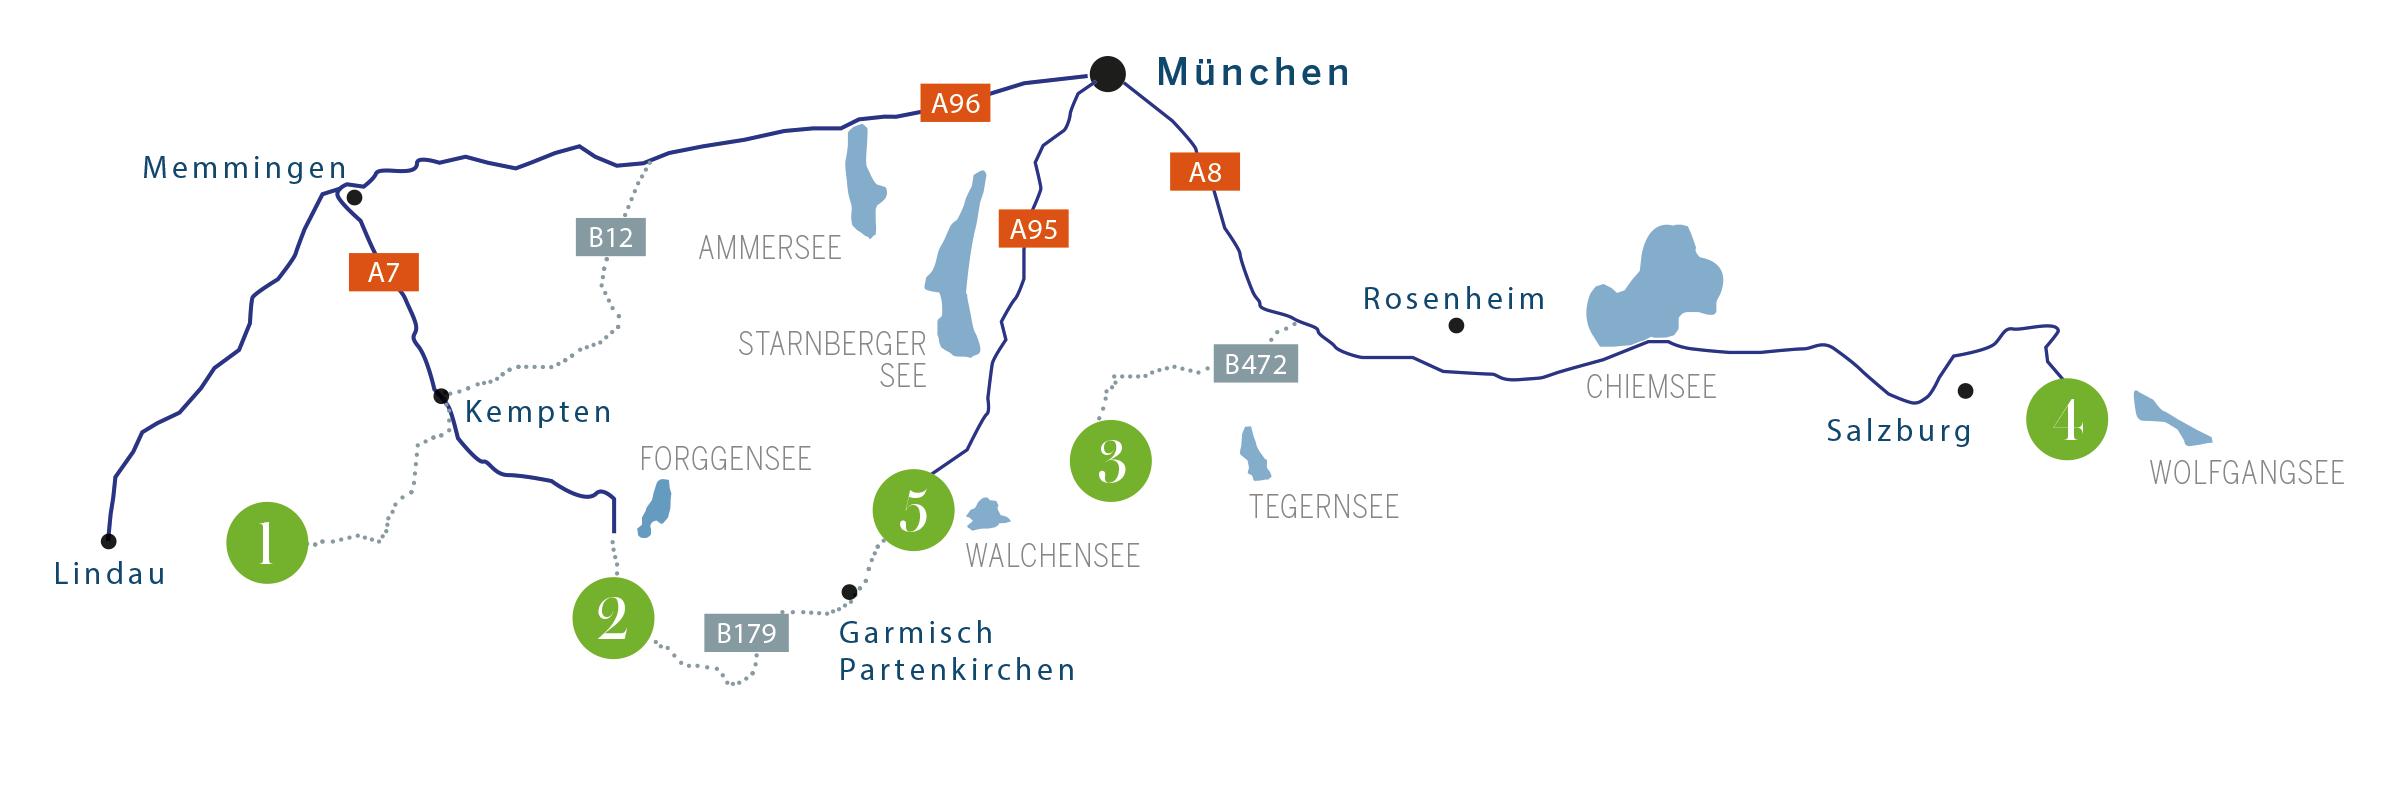 Gumpen Wanderkarte Alps. Wo ein Wasser ist, ist auch ein Weg. Wir weisen die Richtung zu den schönsten Gumpen der Nordalpen. Und wo Sie vor der Heimkehr noch Rast machen sollten